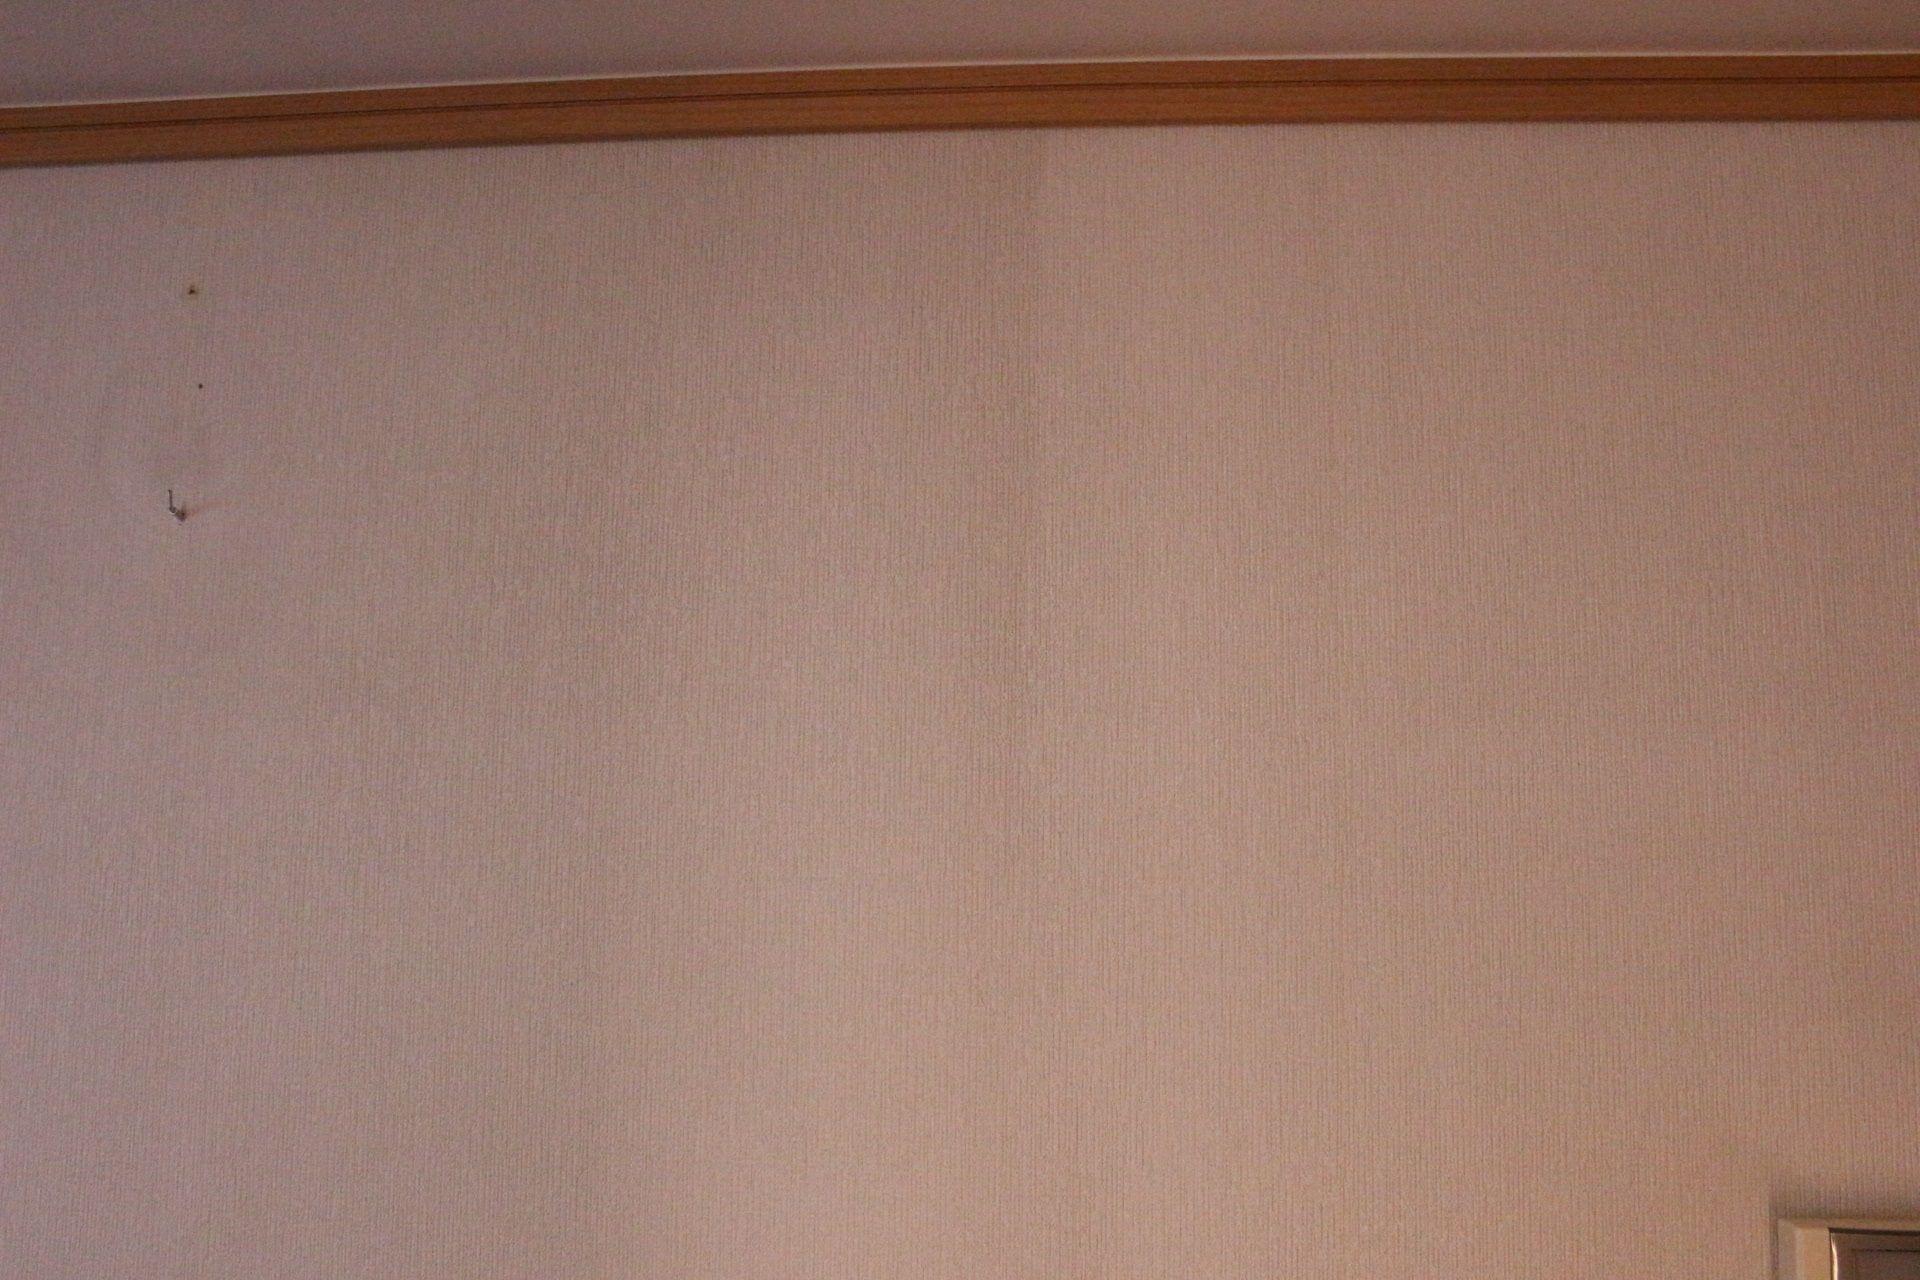 壁紙 クロス の汚れ落としはコレ レックしぼれる のびーるバスクリーナー かずきのblog 楽天ブログ